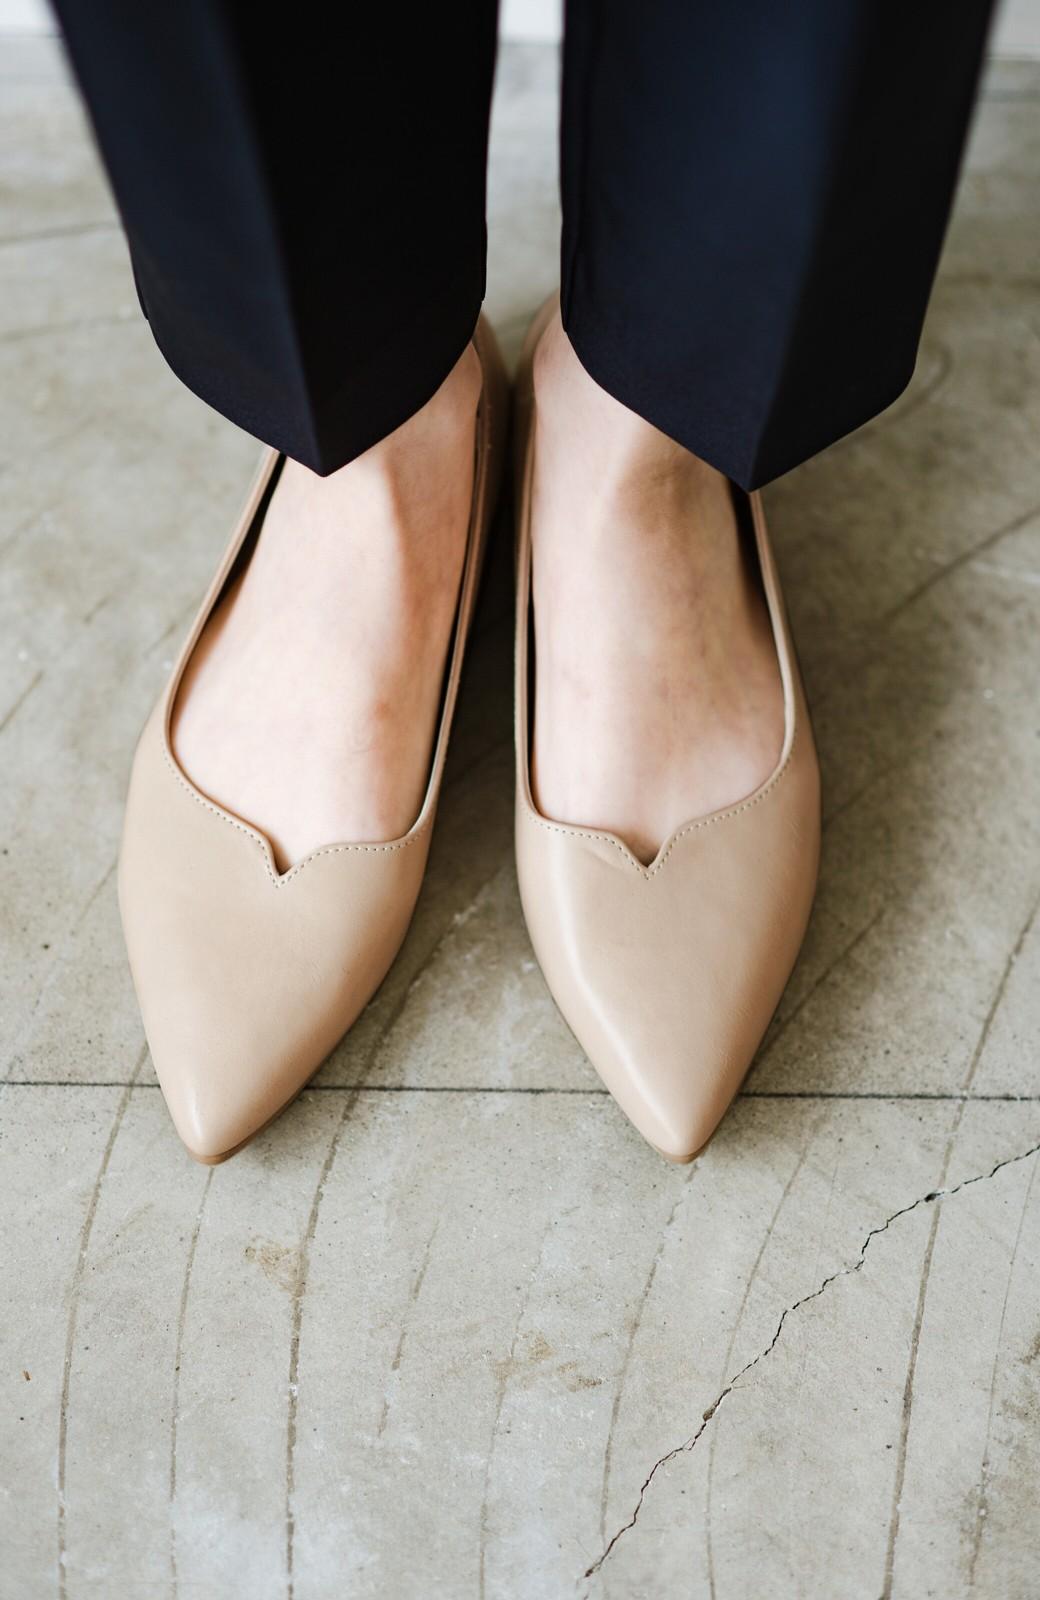 haco! 【防水】普段もお仕事も雨の日も!さっと履いて女っぽい Vカットが足をきれいに見せてくれるフラットパンプス <ベージュ>の商品写真1